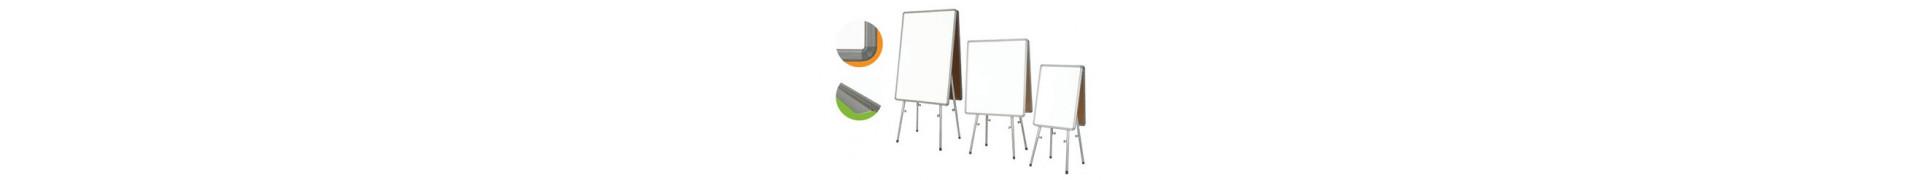 Презентации, подвързии